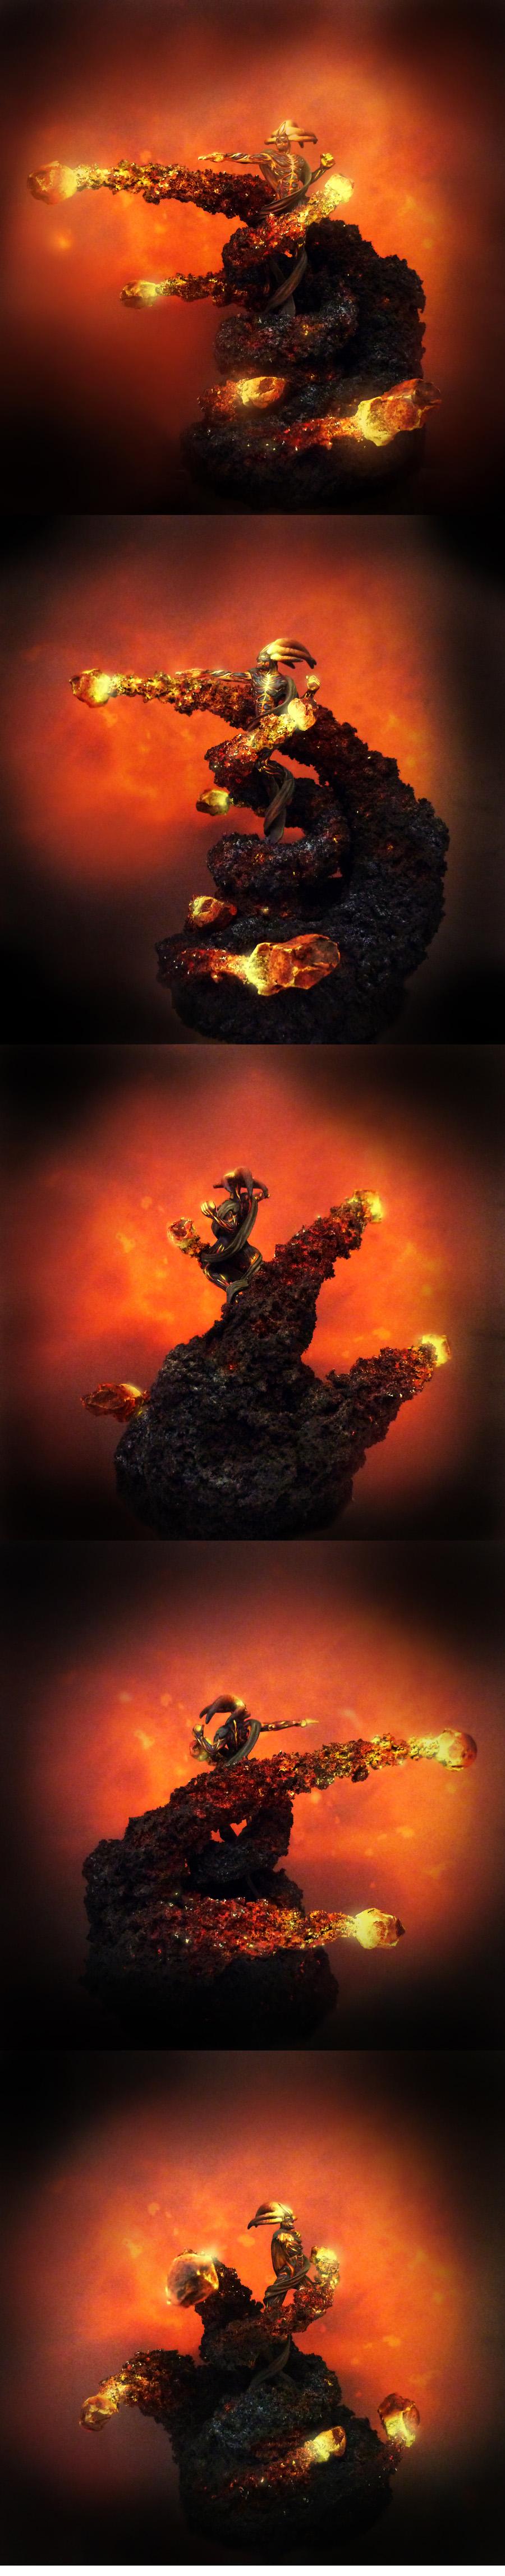 Effet feu/fumée C'tan Deceiver vu sur CMON Img54ce9a5a1b1a6